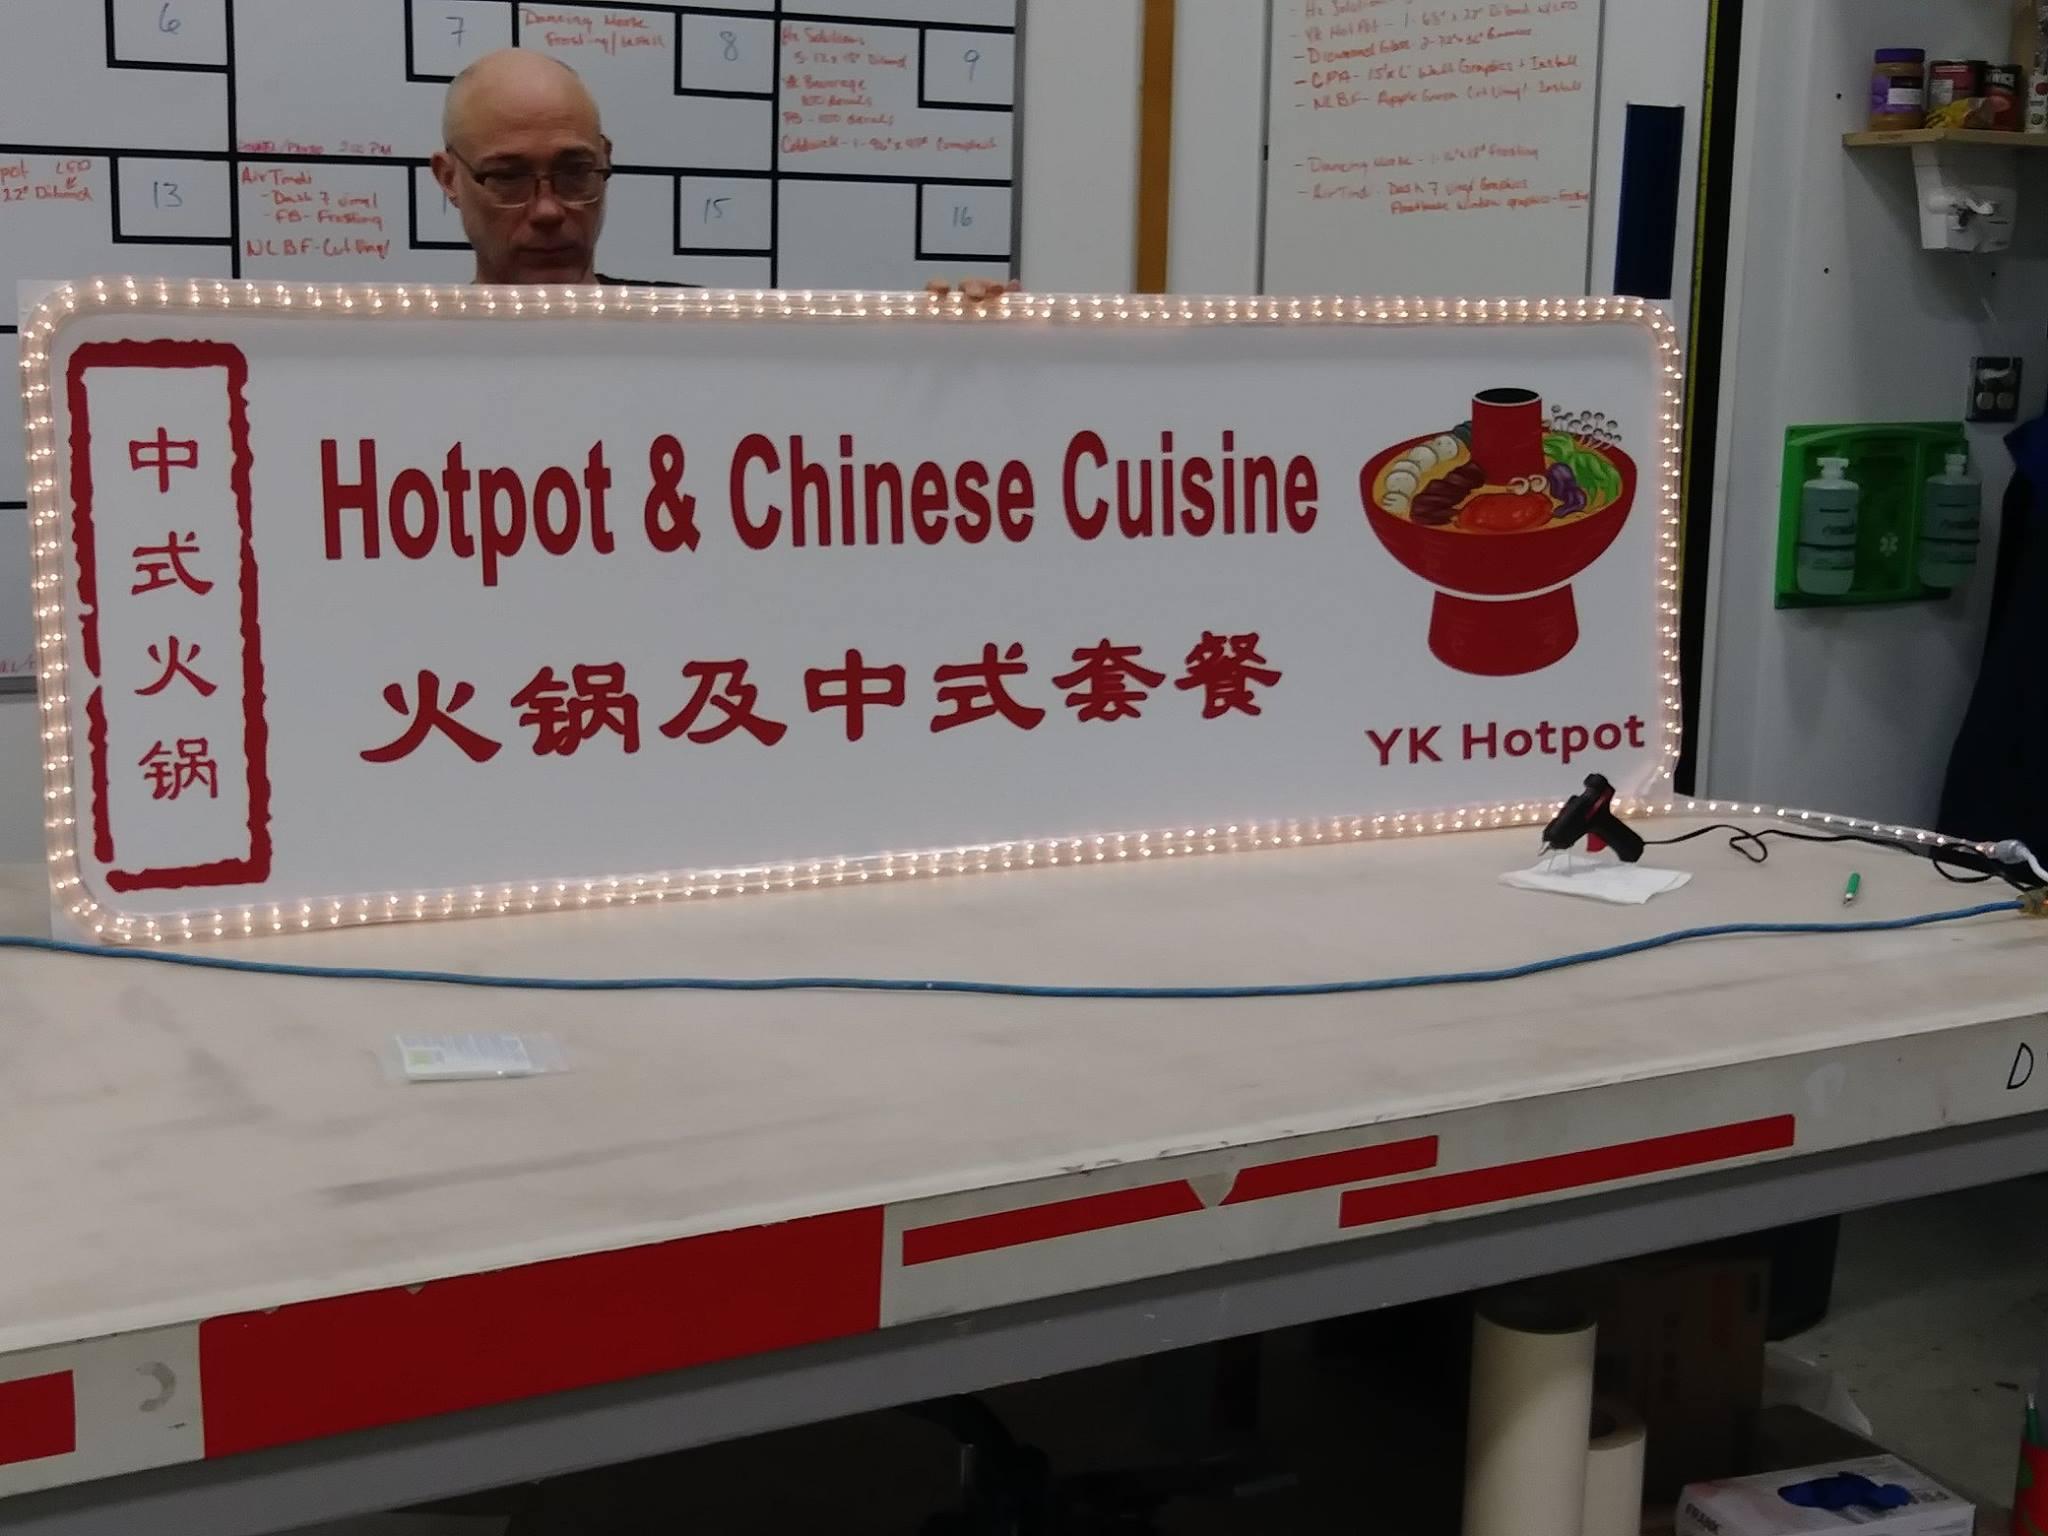 YK Hotpot Exterior Signage.